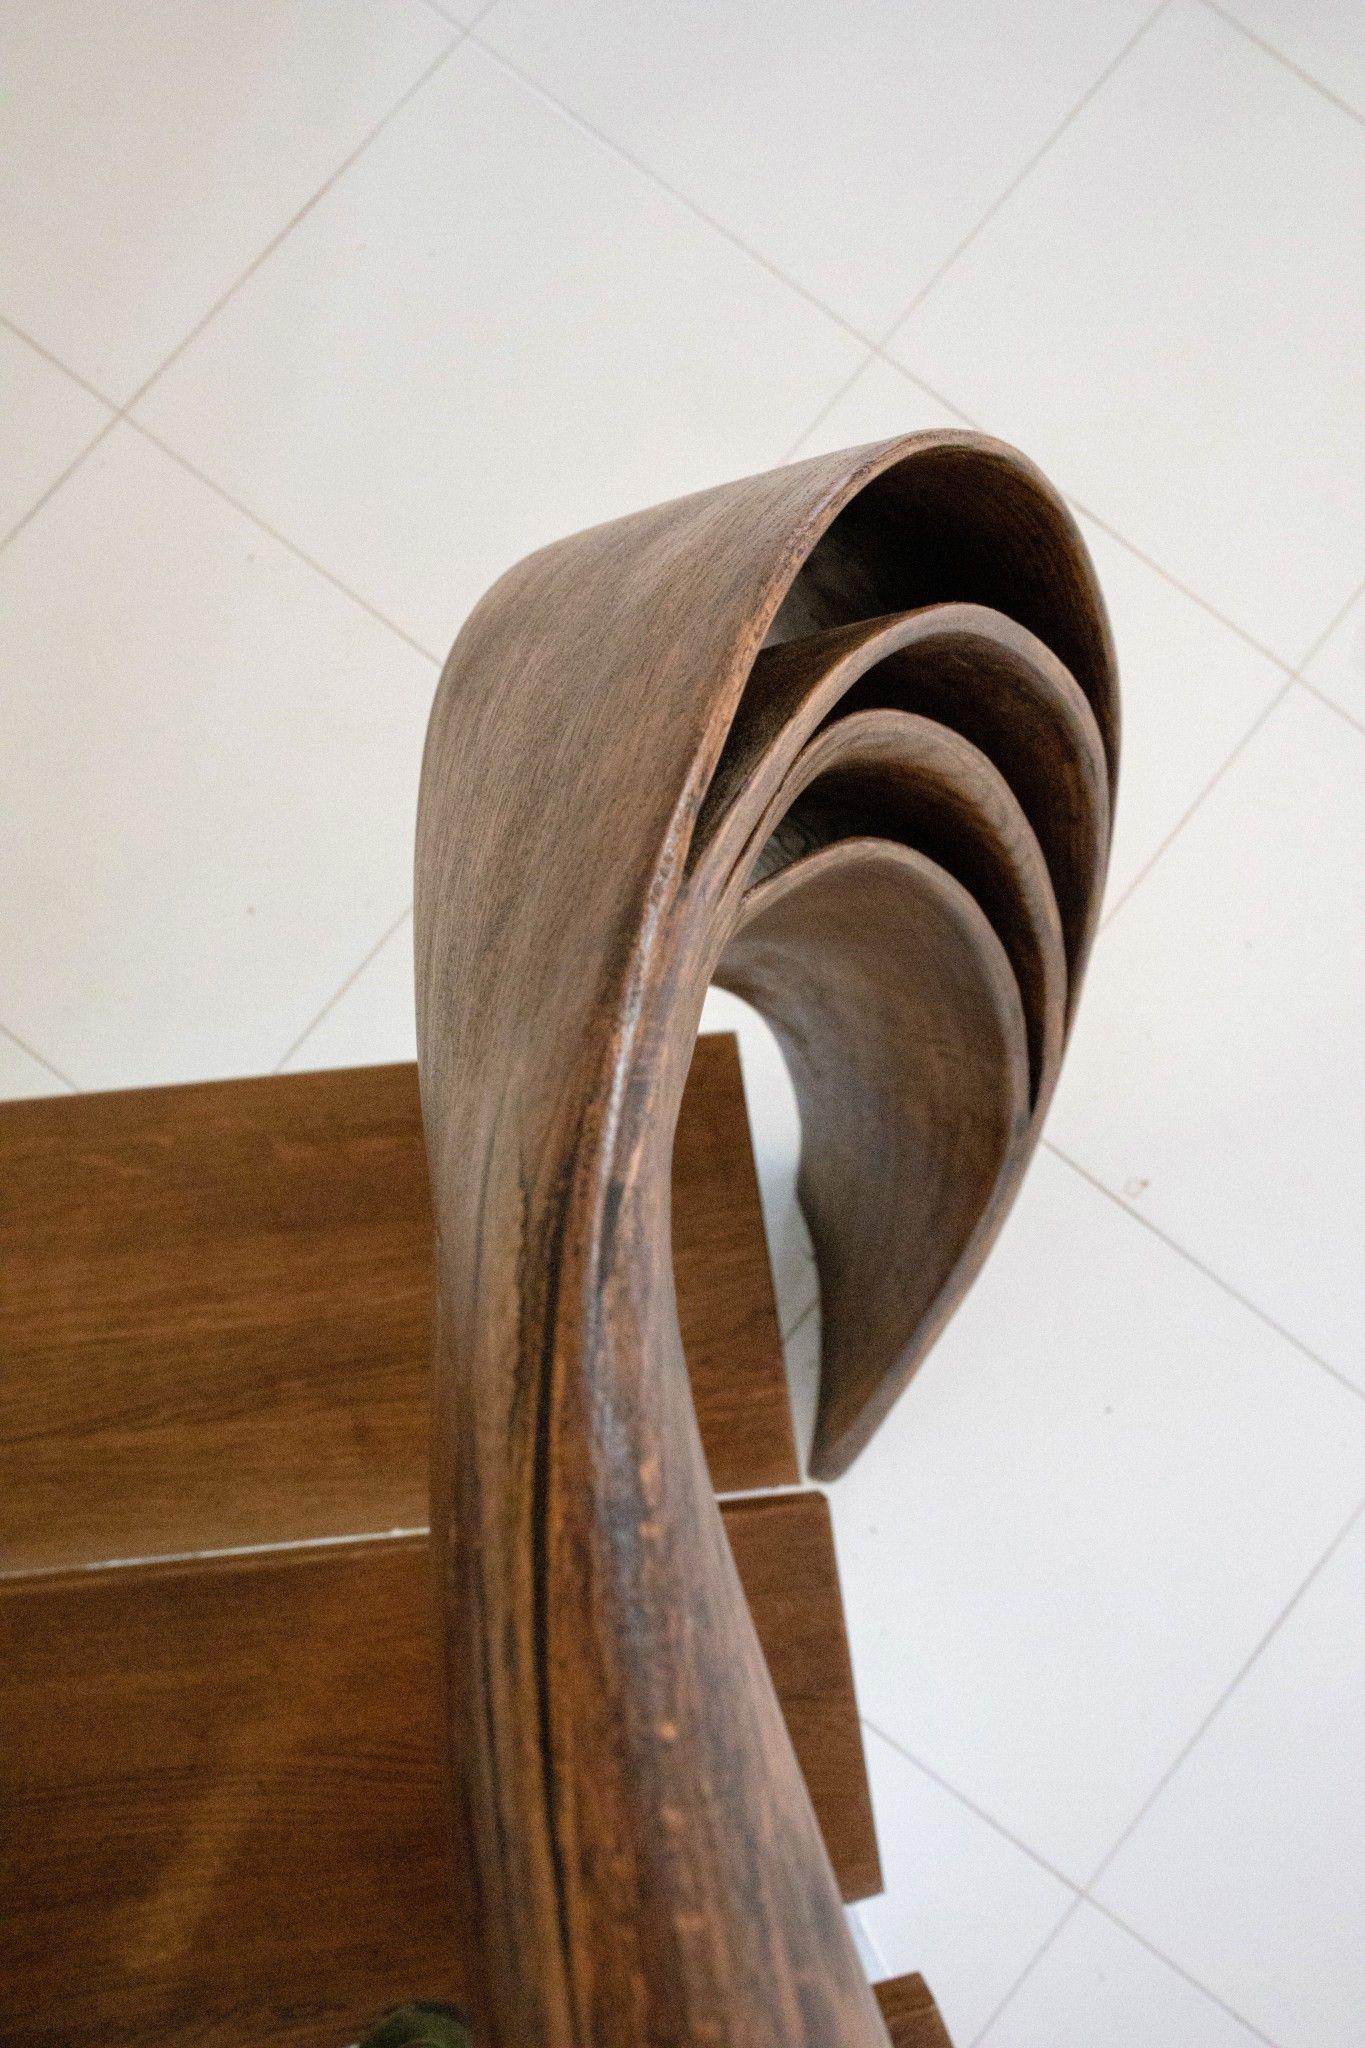 Best Details Of The Oak Handrail That I Ve Named Forever 400 x 300